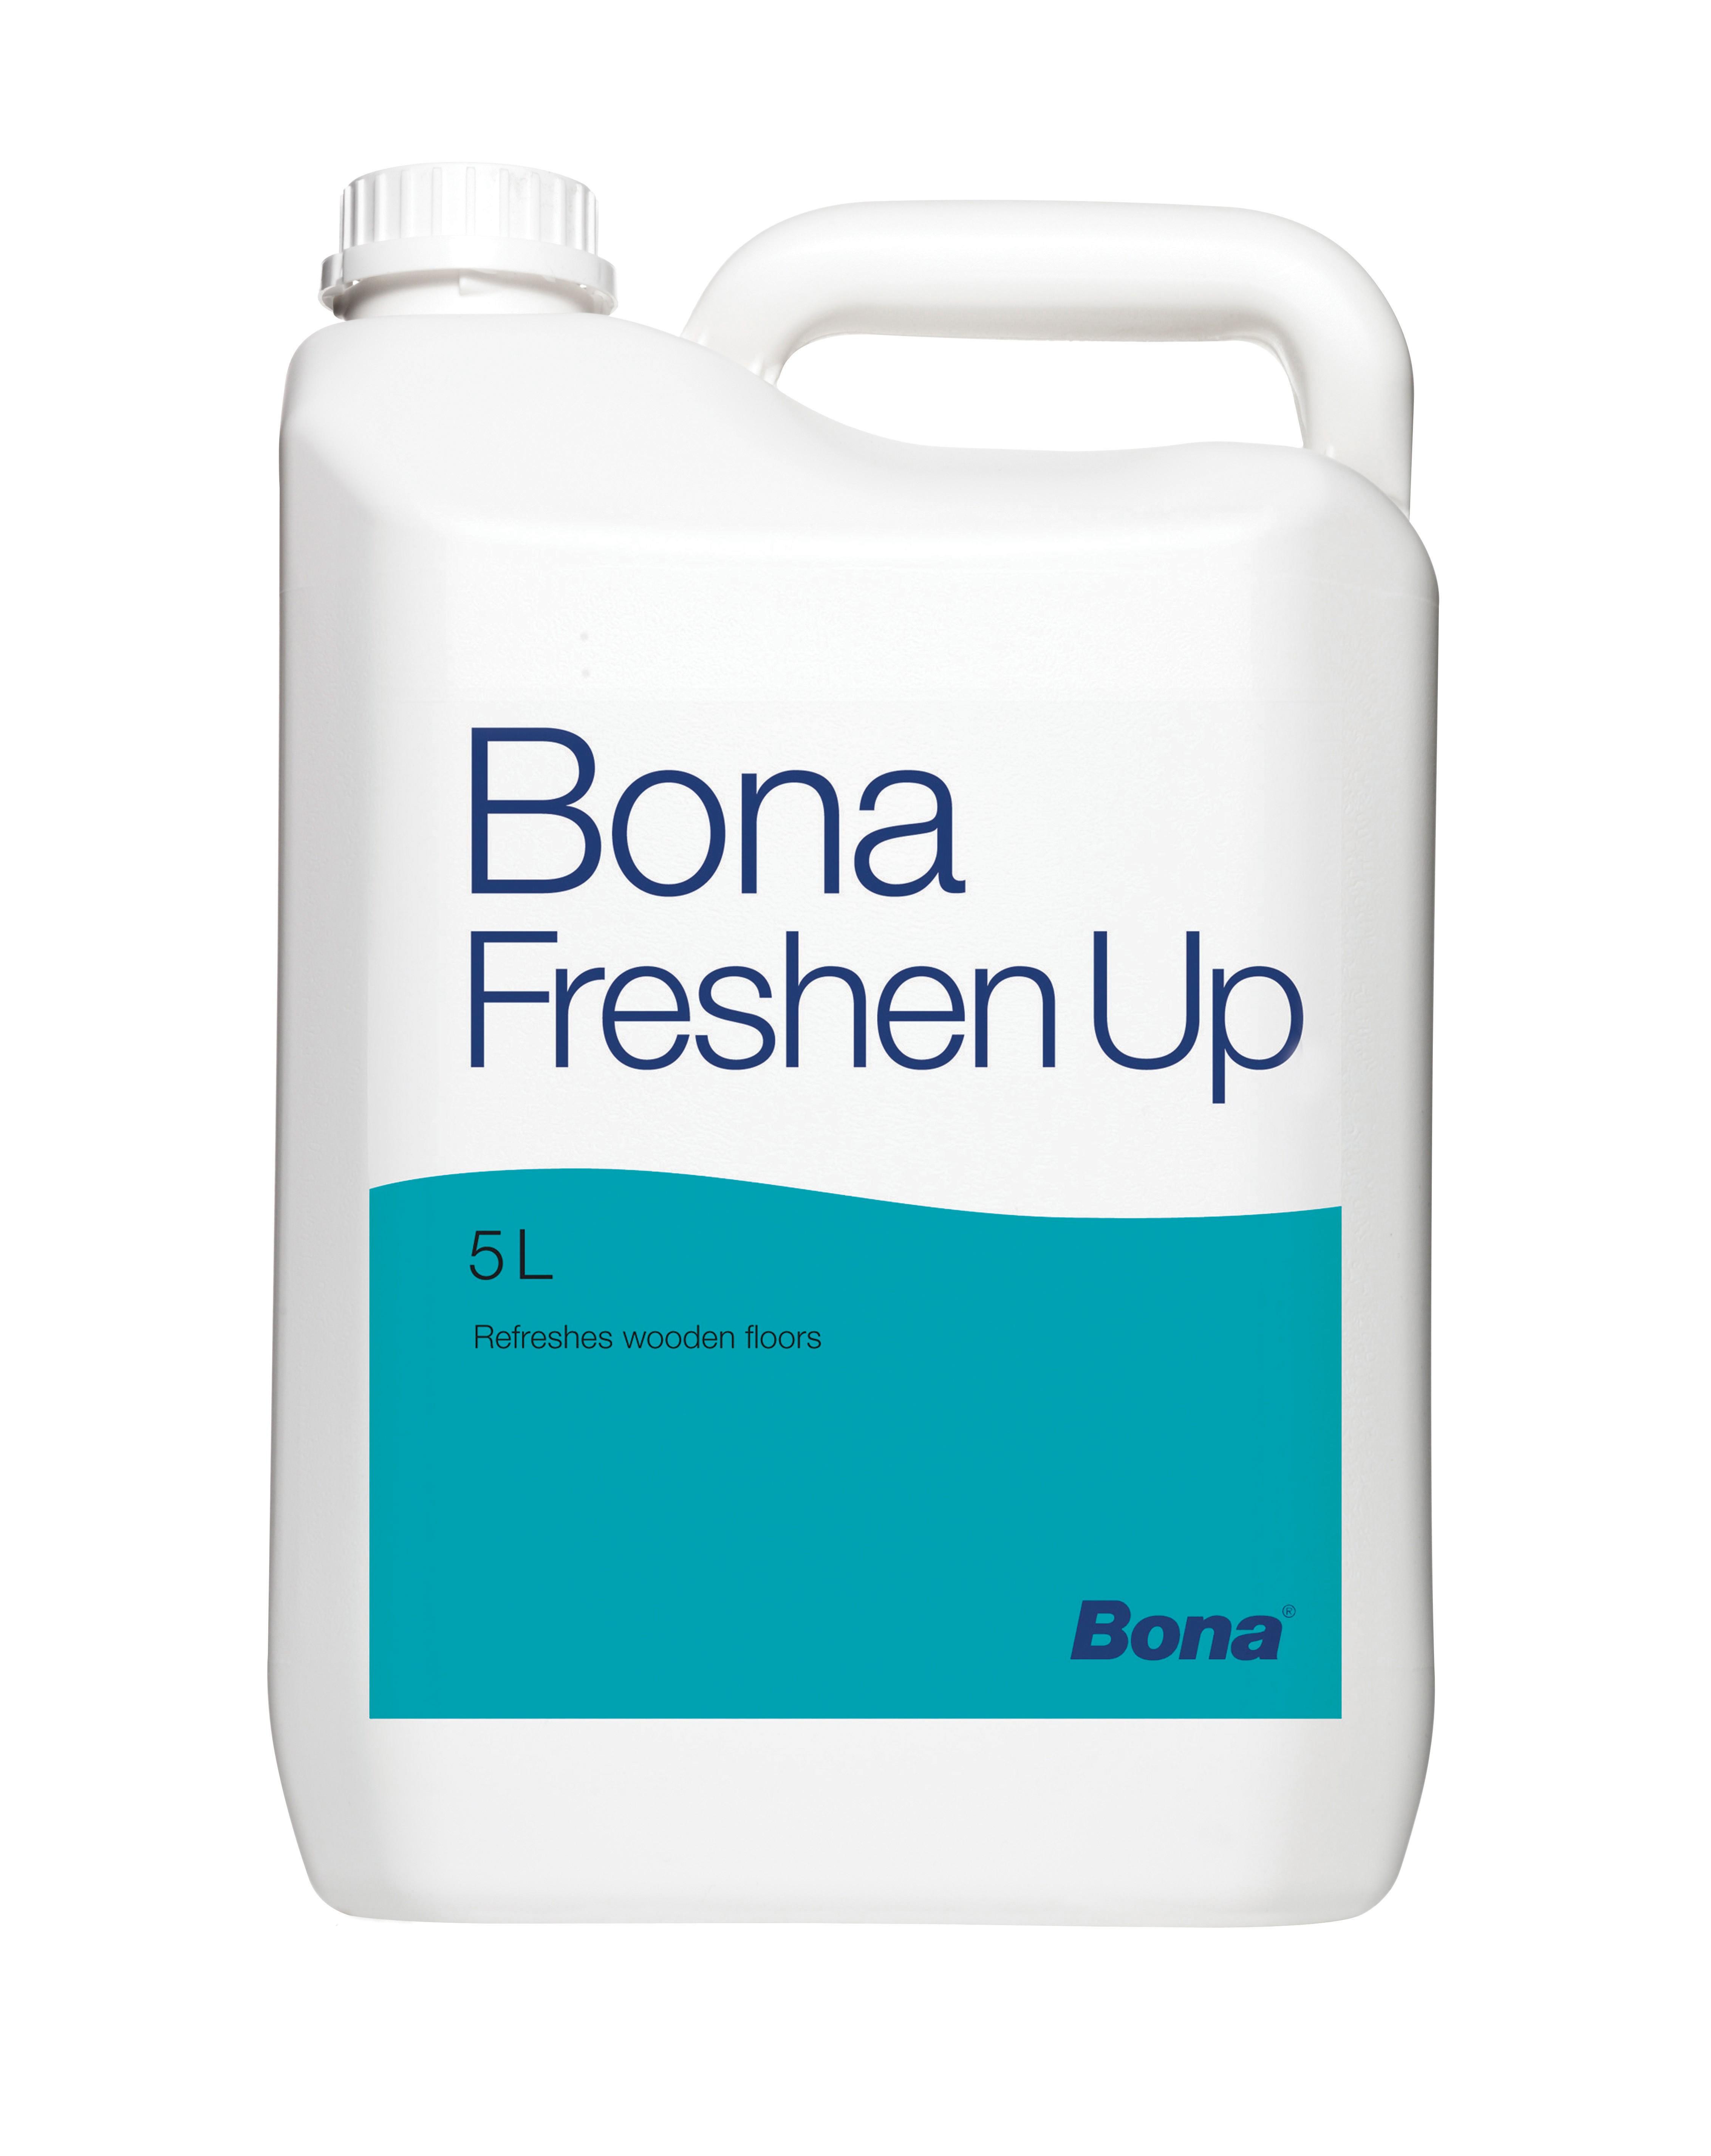 Bona FreshenUp 5L